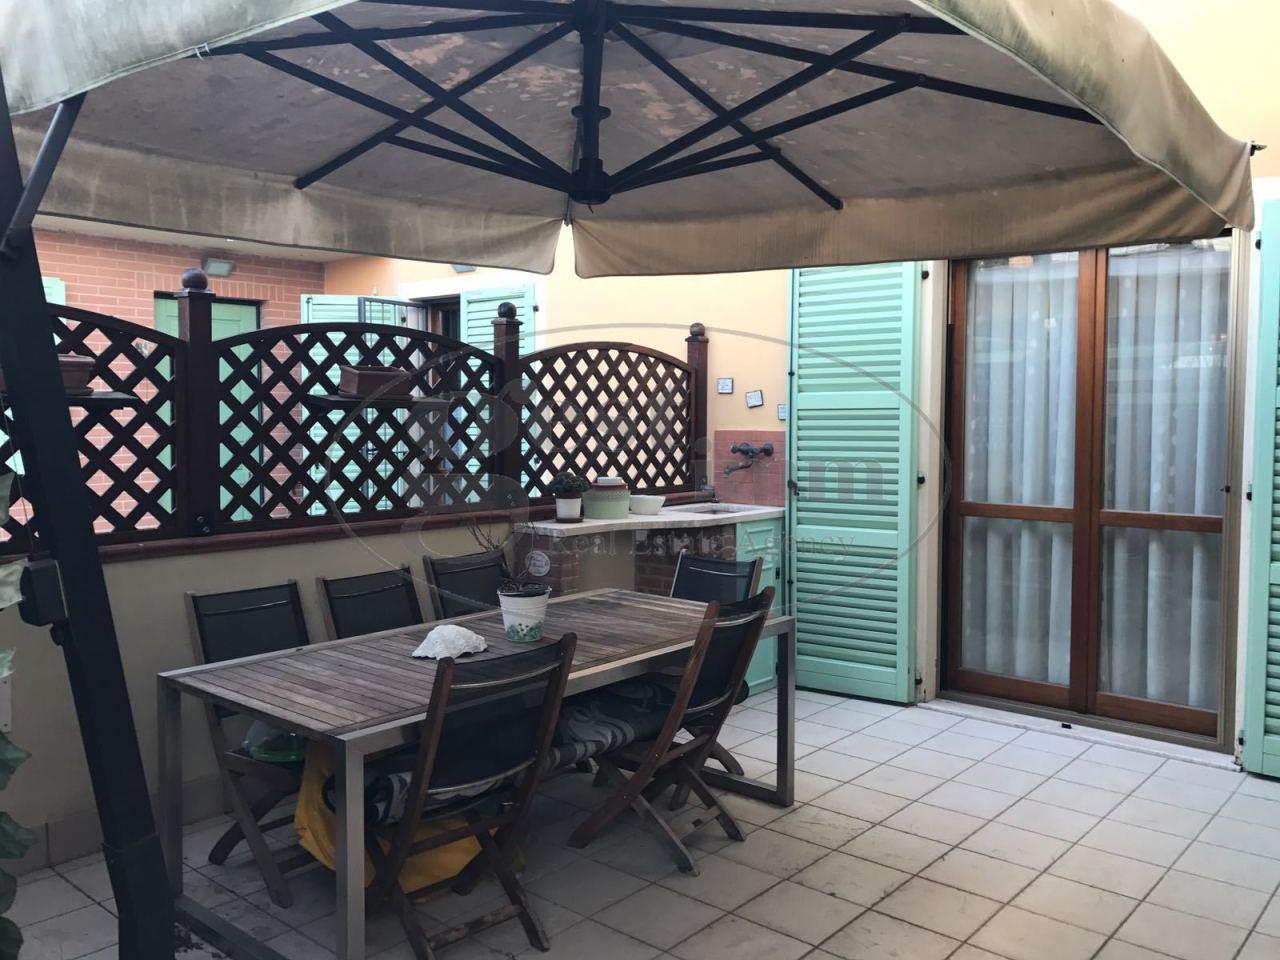 Palazzo / Stabile in vendita a Livorno, 3 locali, prezzo € 295.000 | CambioCasa.it